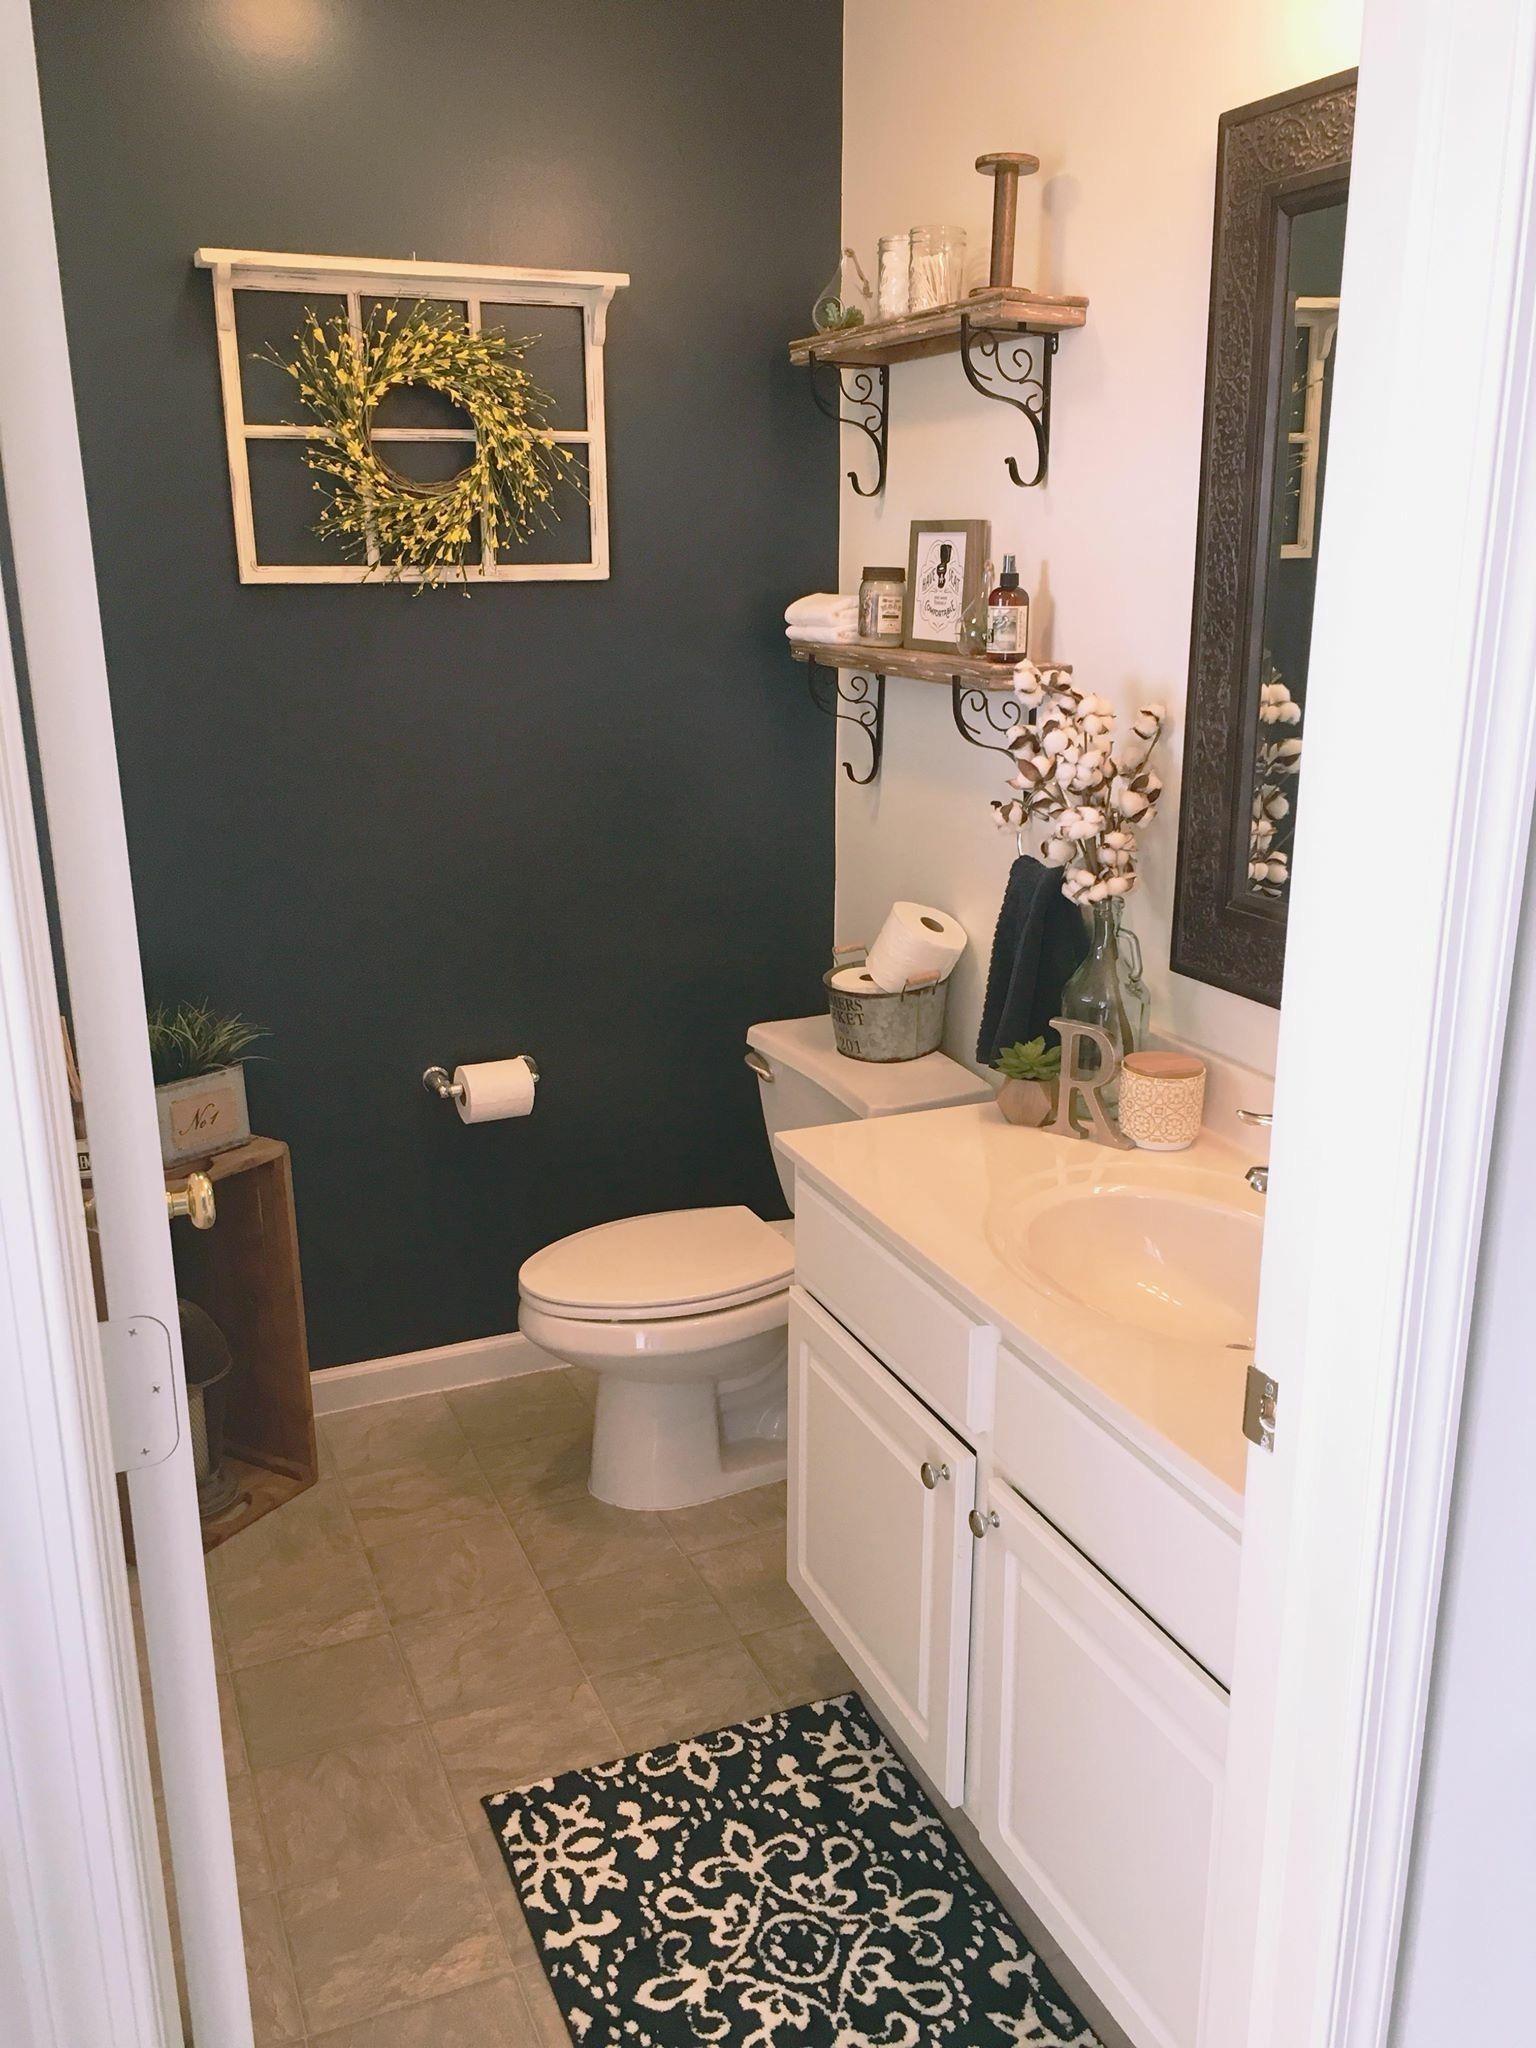 Simple Farmhouse Decor For A Bathroom Farmhousebathroomdecor Farmhousedecor Bathroomdecor Rusti Blue Accent Walls Guest Bathrooms Farmhouse Bathroom Decor